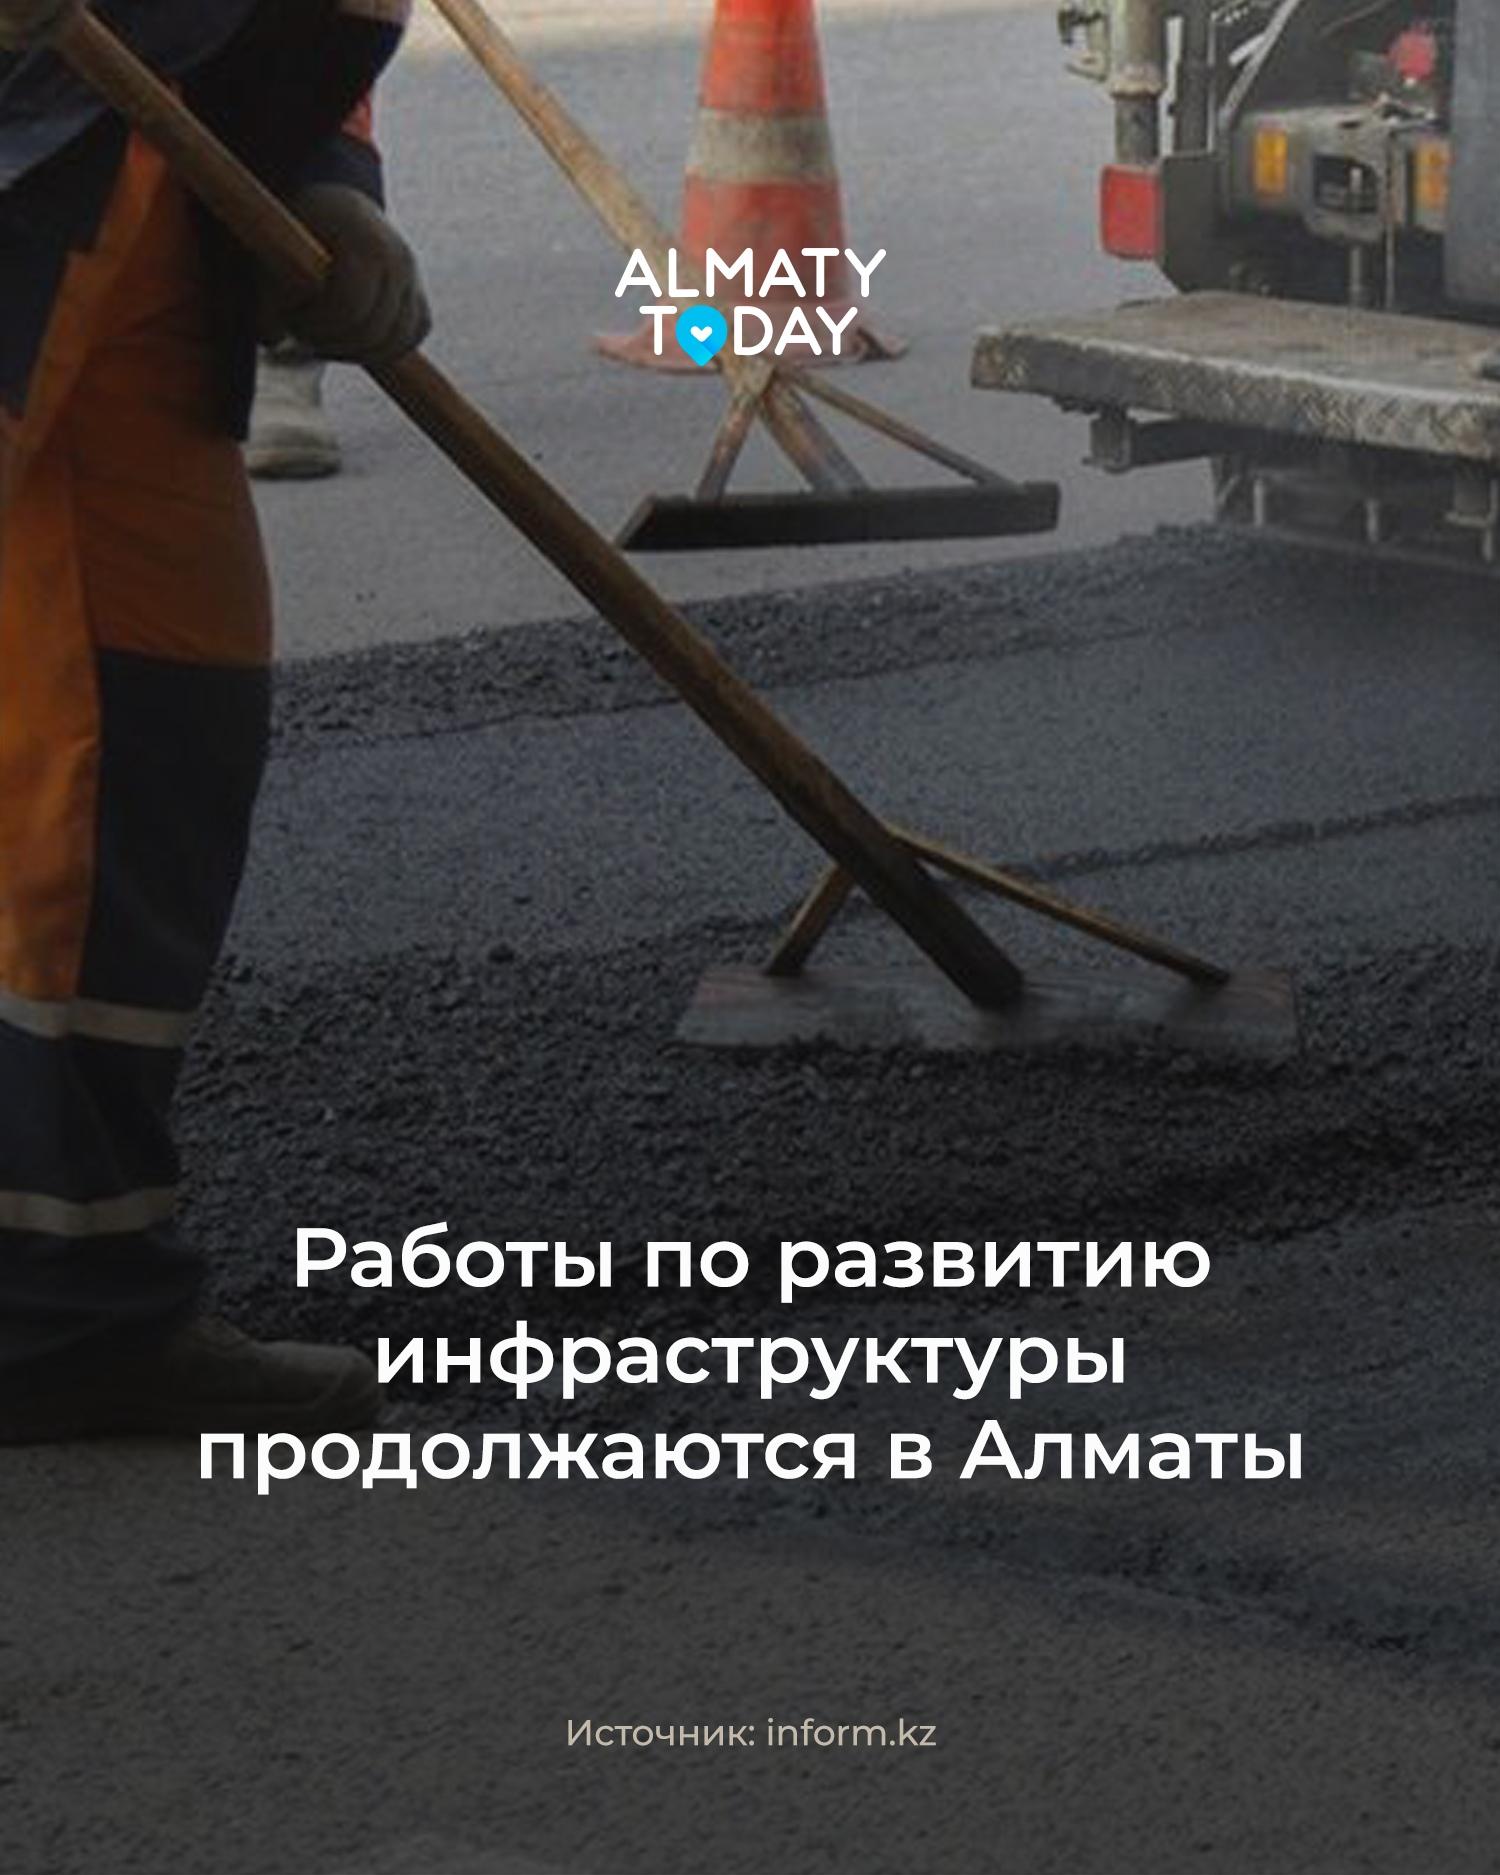 В ходе онлайн-встречи аким города Алматы Бакытжан Сагинтаев рассказал, как будет развиваться инфраструктура.